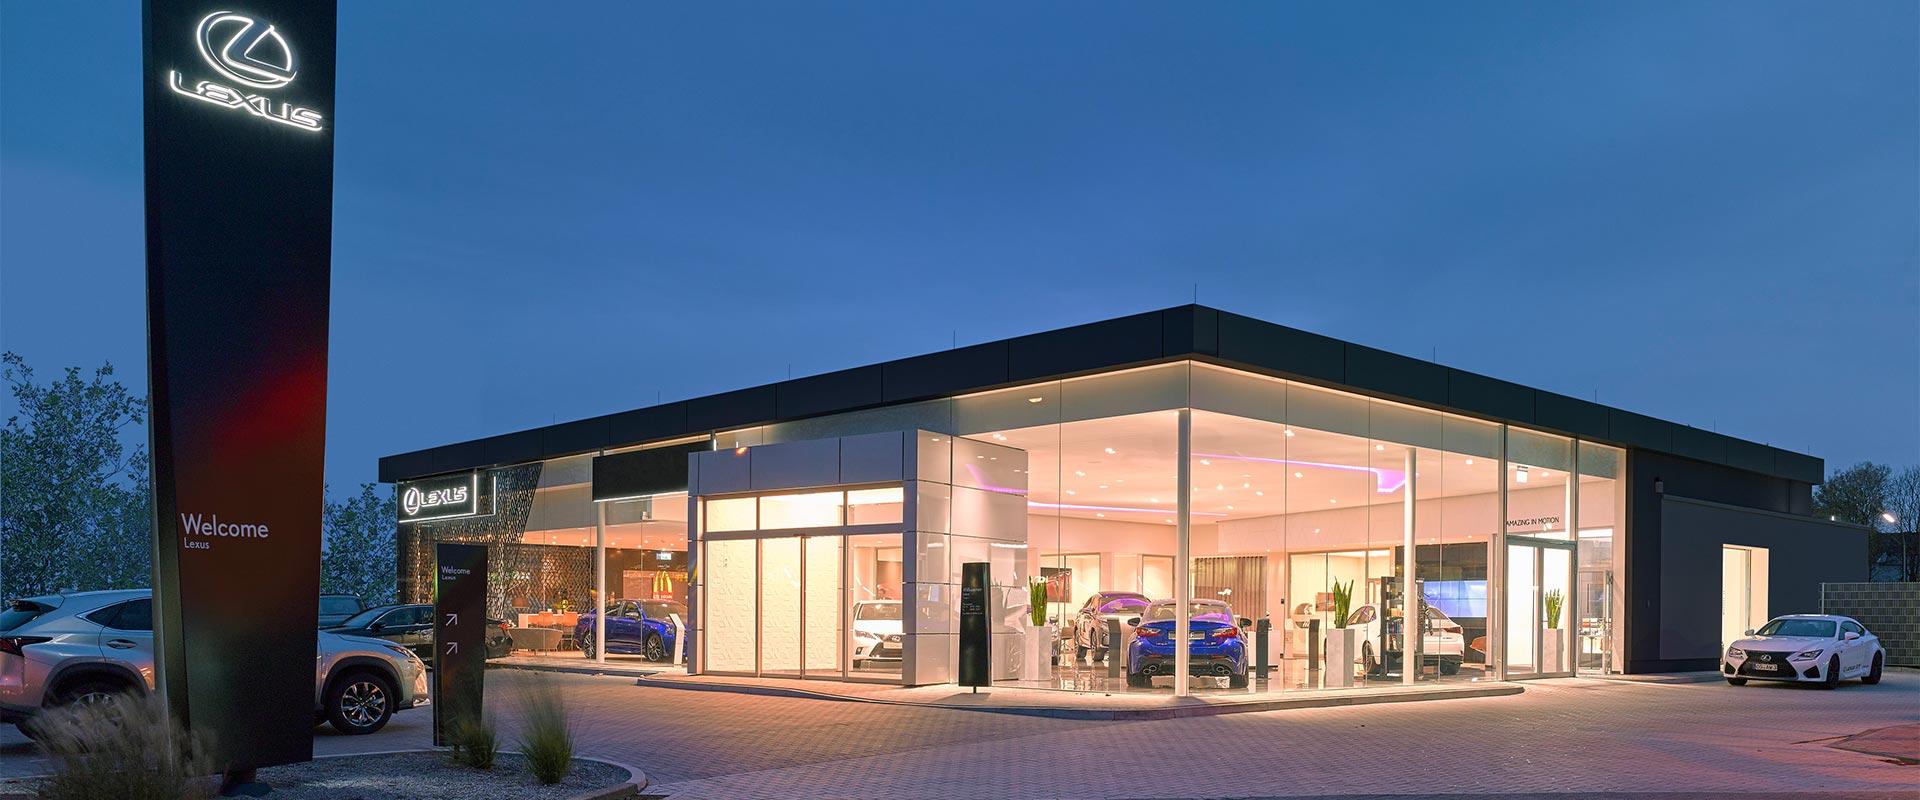 Lexus Dealers in Nederland overzichtsfoto van Lexus dealerpand